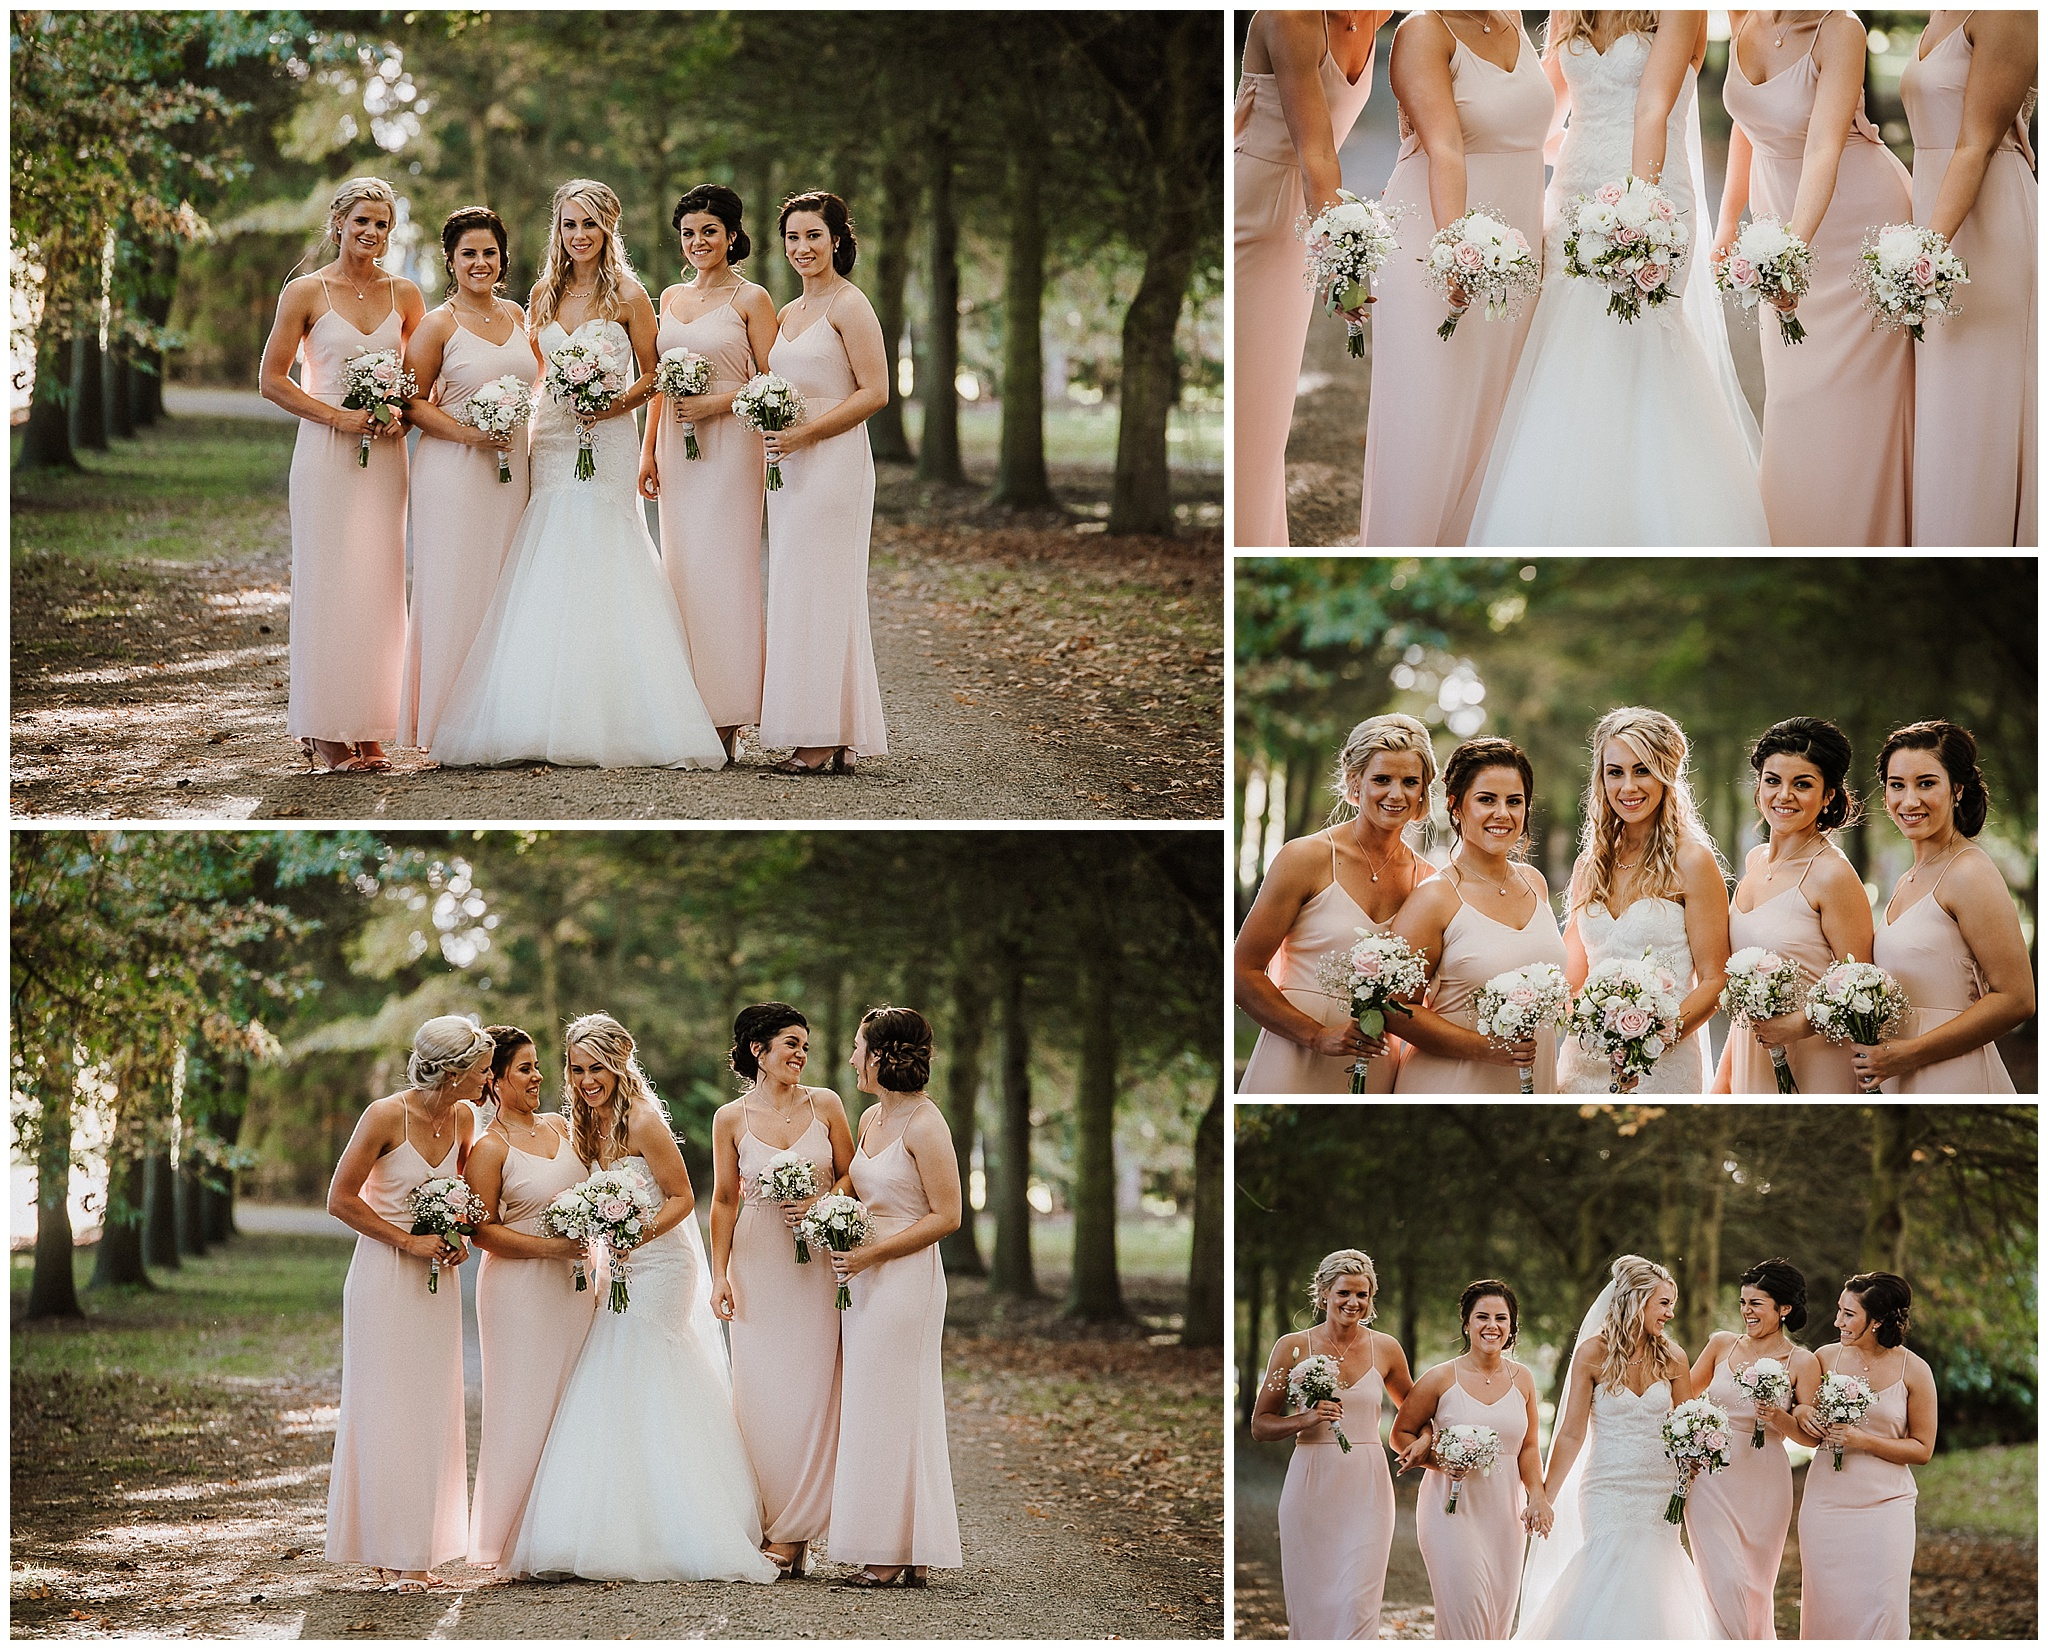 chad-jakalah-christchurch-garden-summer-elegant-auckland-wedding-photographer_0035.jpg